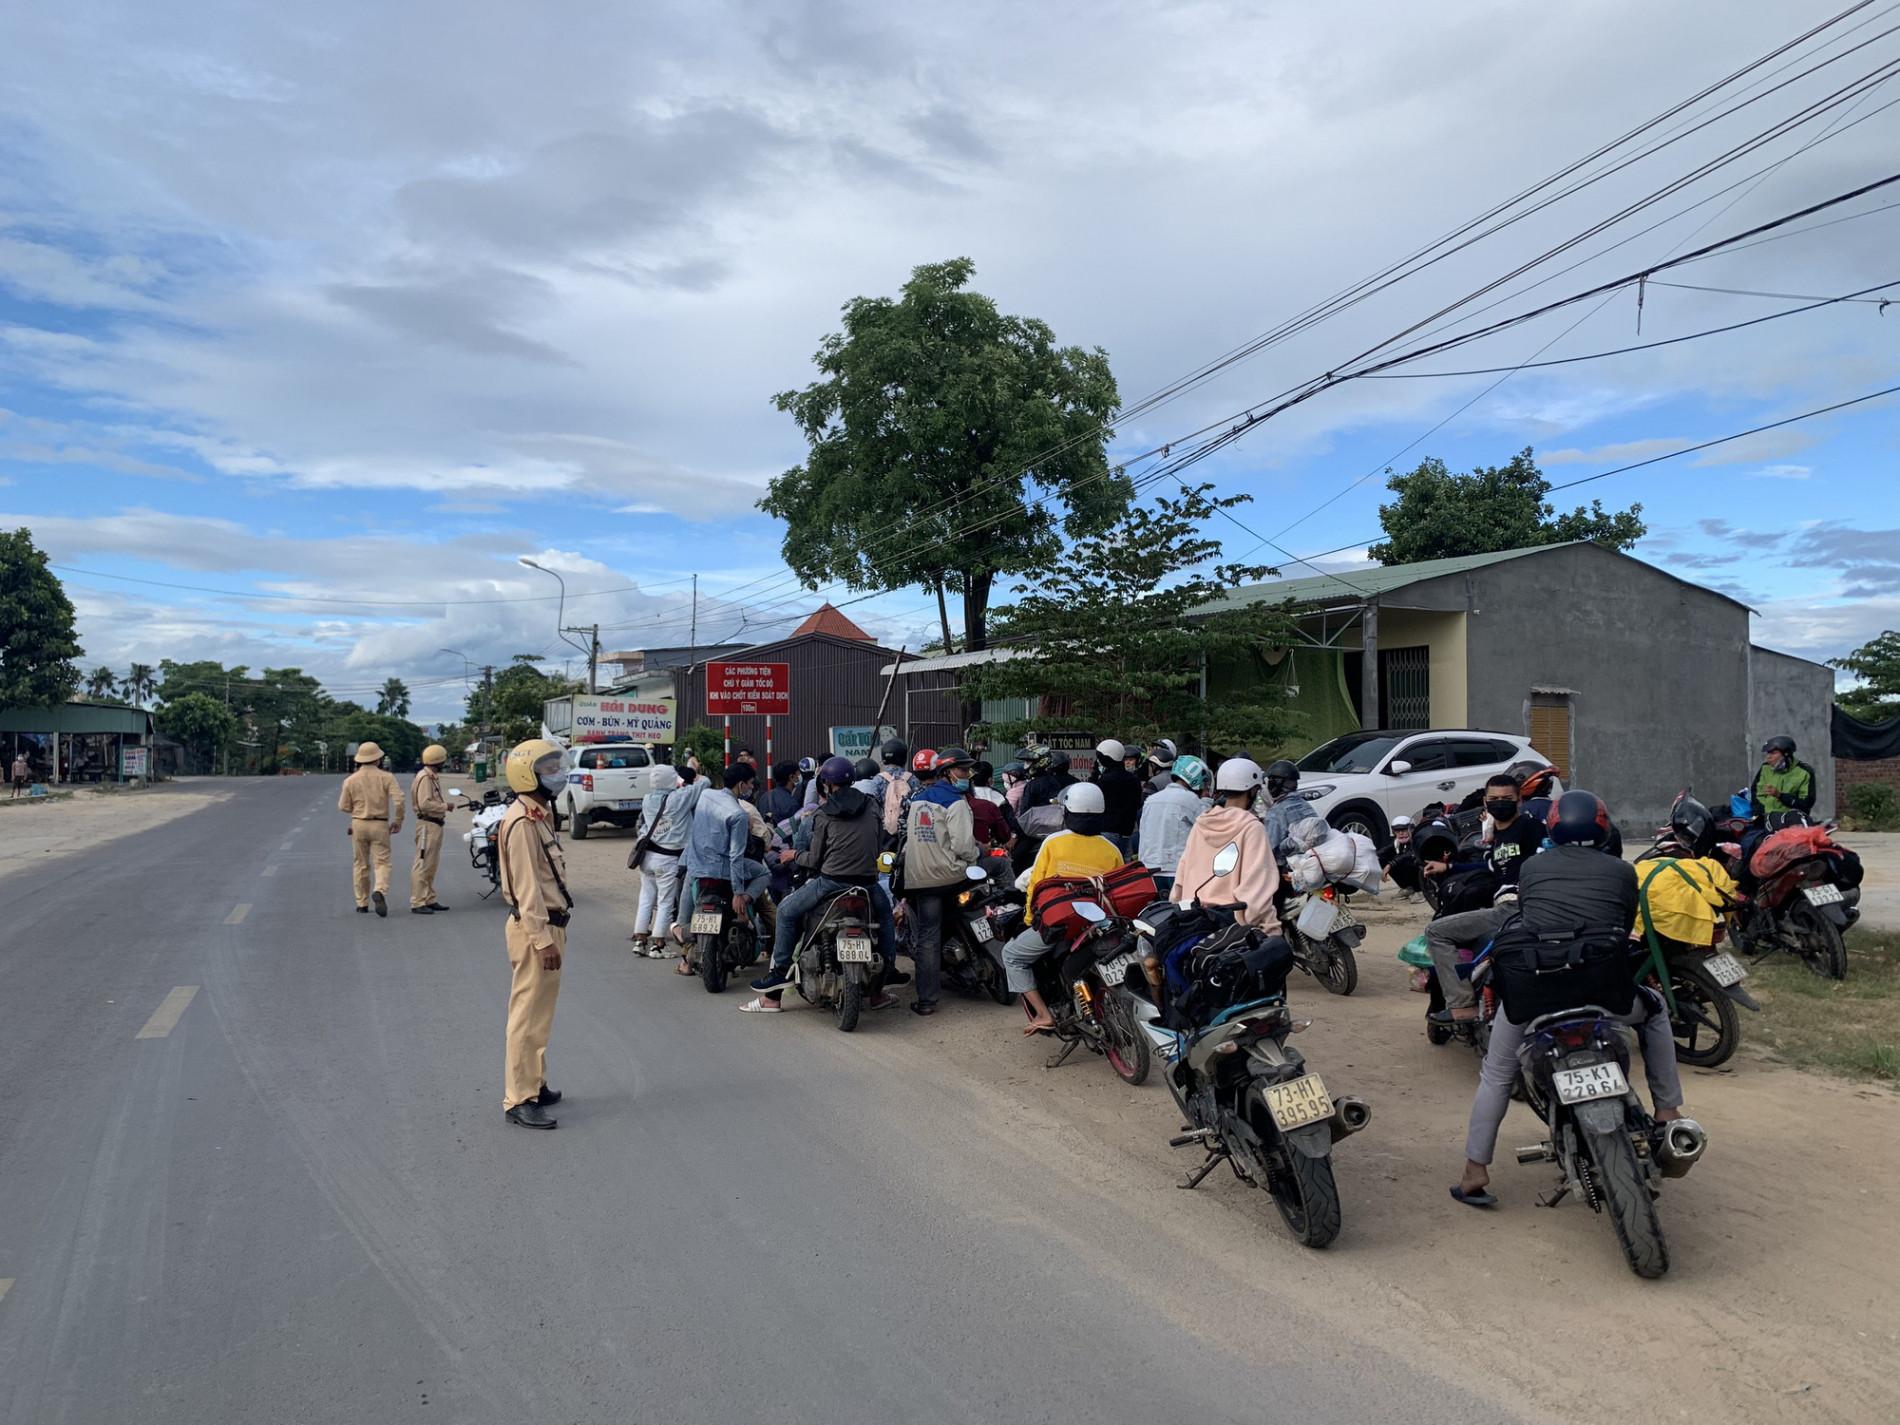 CSGT Đà Nẵng tiếp tục hộ tống hàng trăm người từ TP. Hồ Chí Minh về quê bằng xe máy - Ảnh 3.